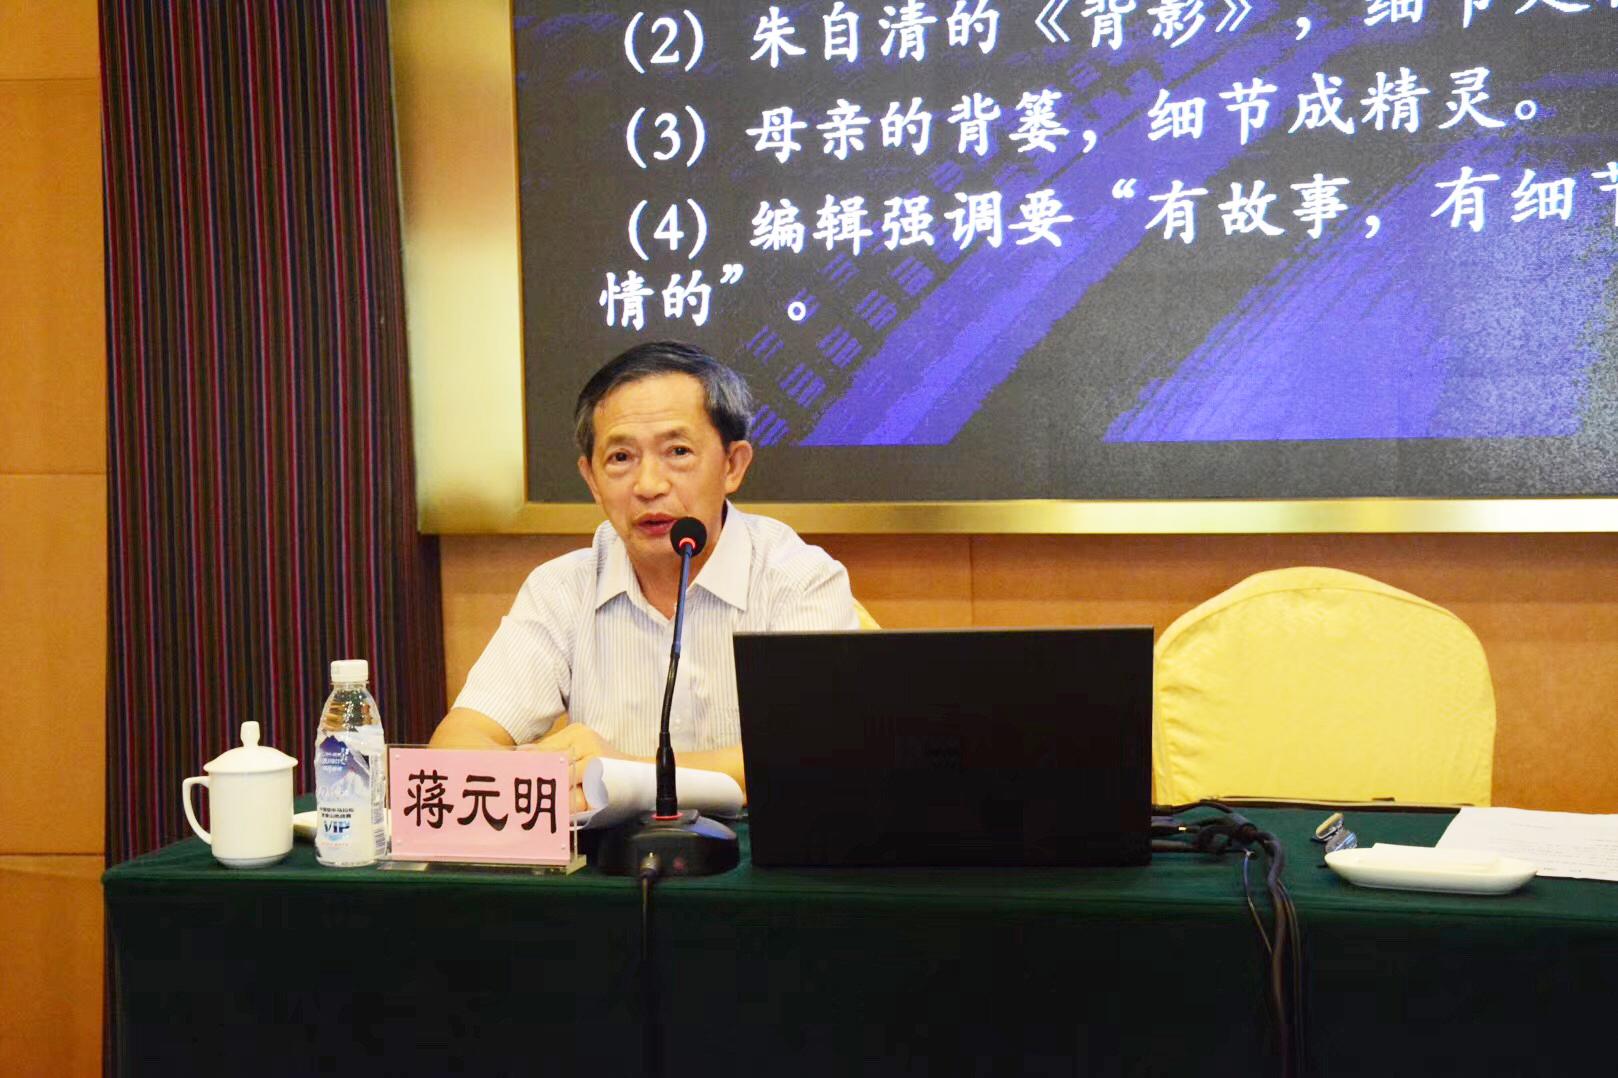 人民日报高级编辑蒋元明